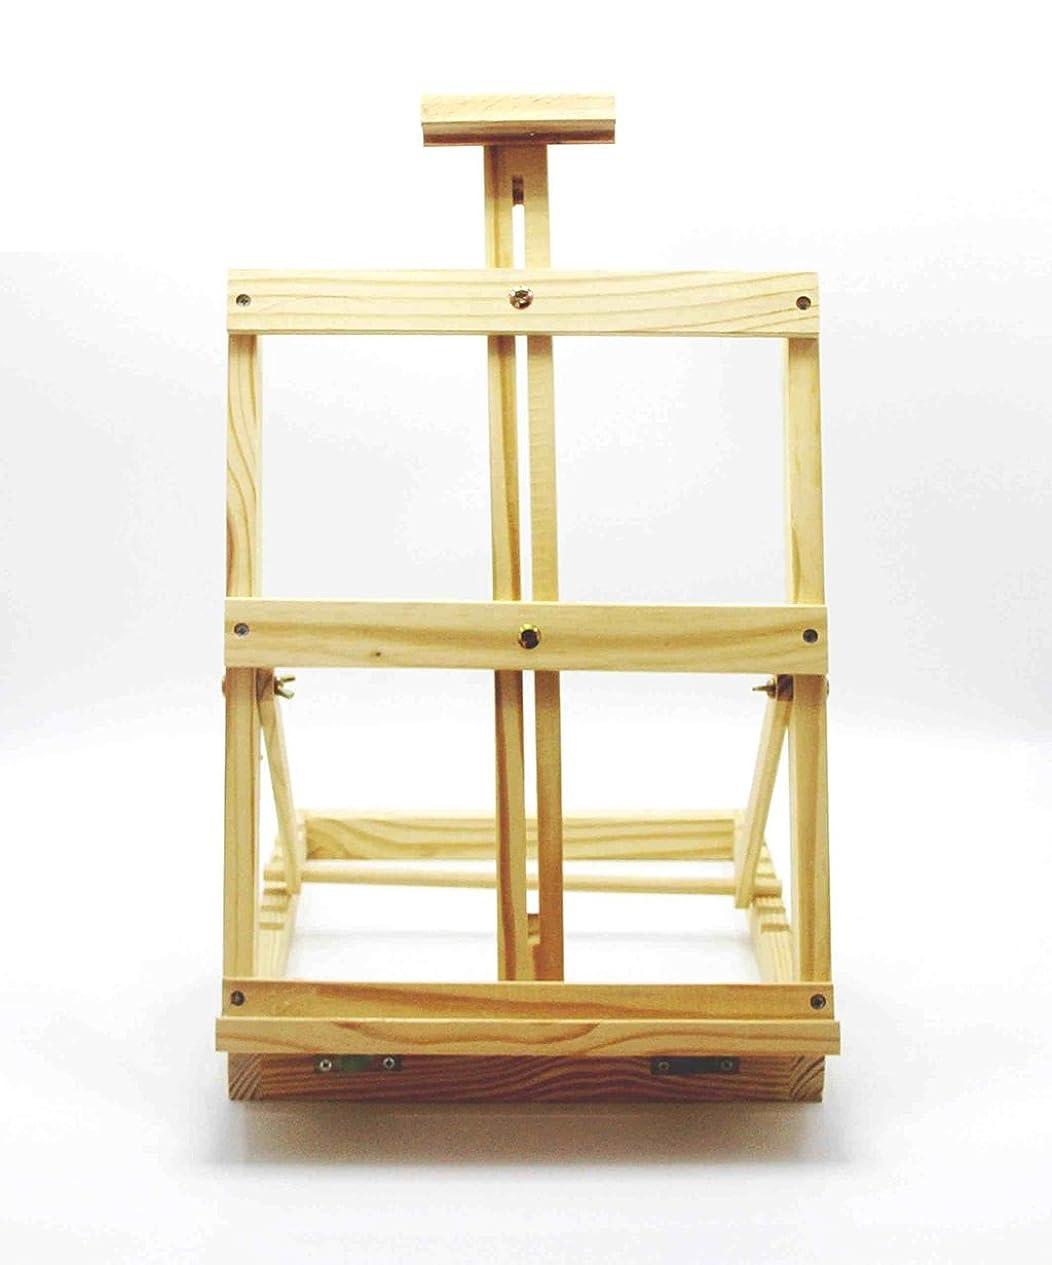 一族買い物に行くコマース塗装イーゼル デスクトップデスクトップミニ絵画フレーム木製の木製の折り畳み油絵松林絵画スケッチスケッチ